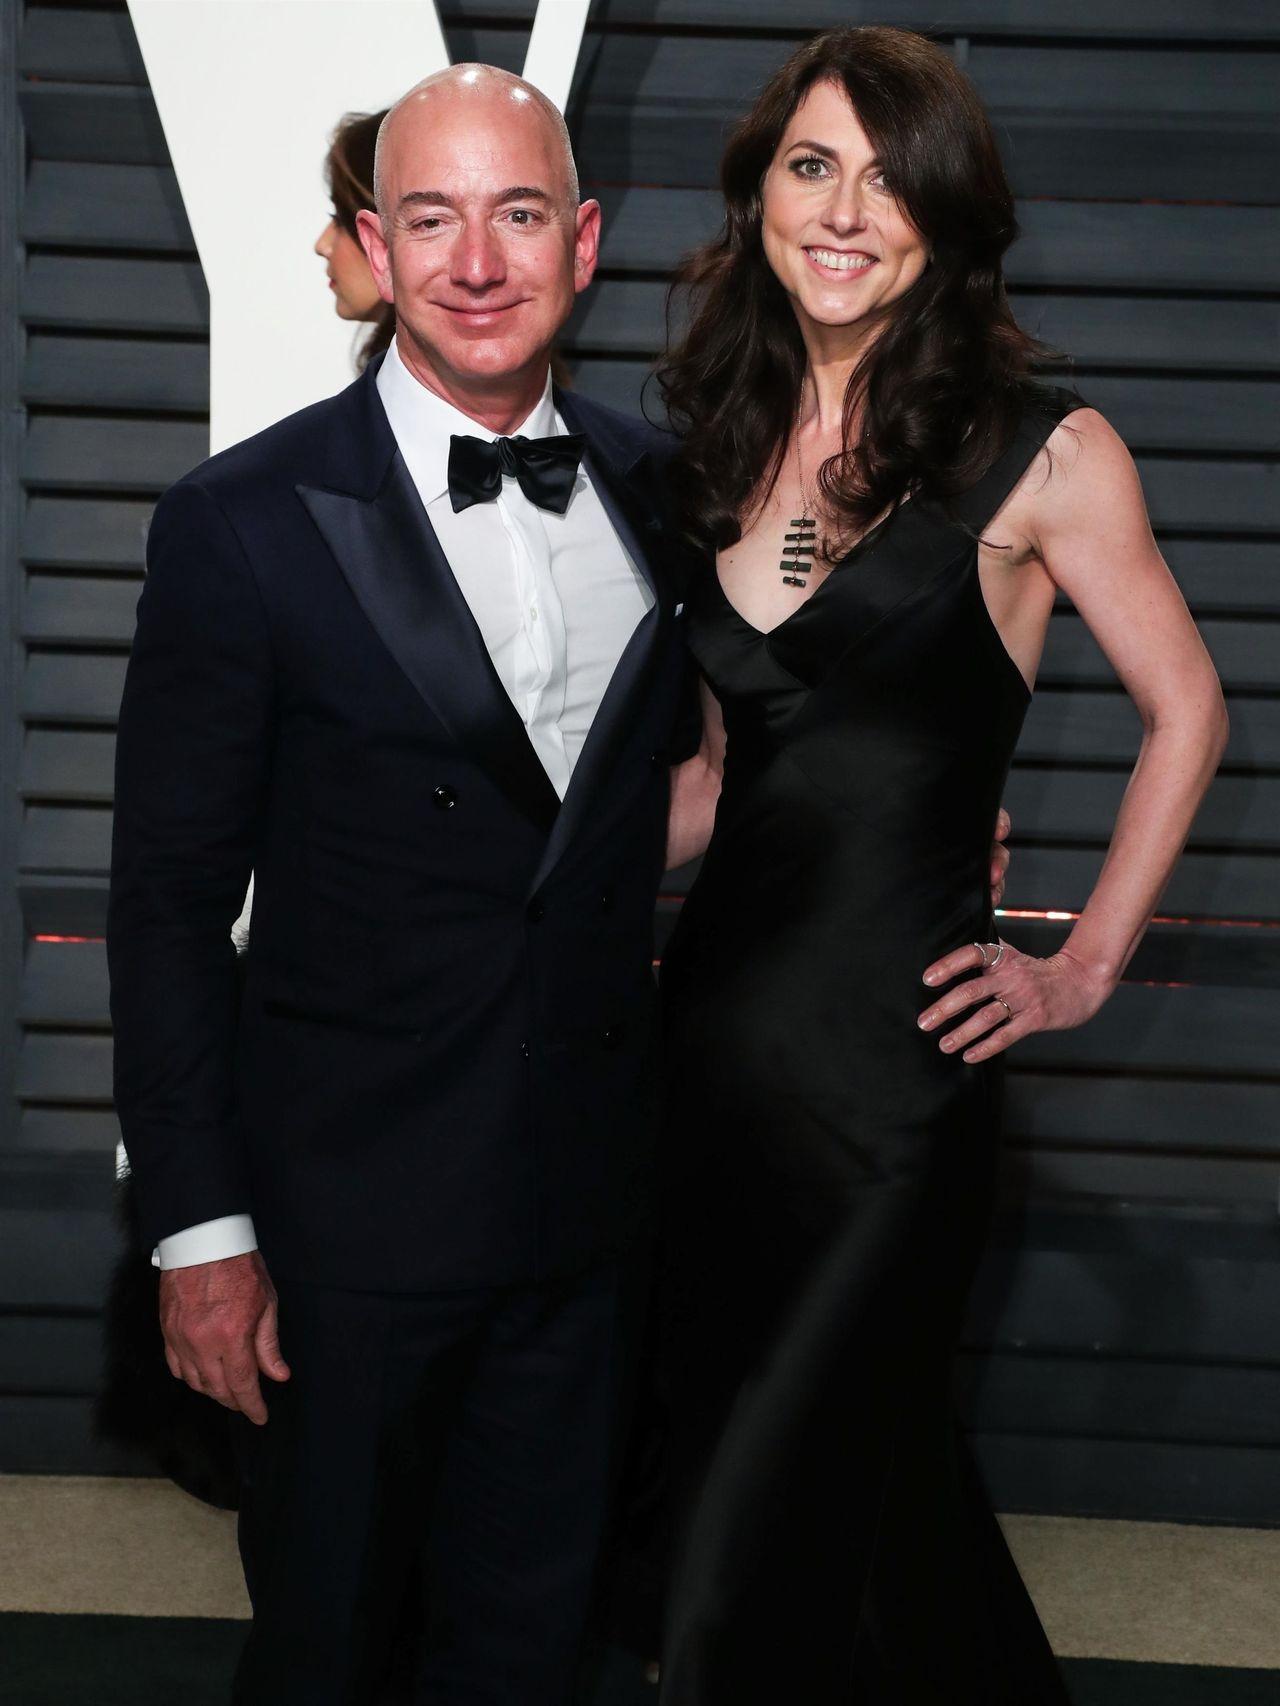 Miliarder Jeff Becos rozwodzi się po 25 latach małżeństwa